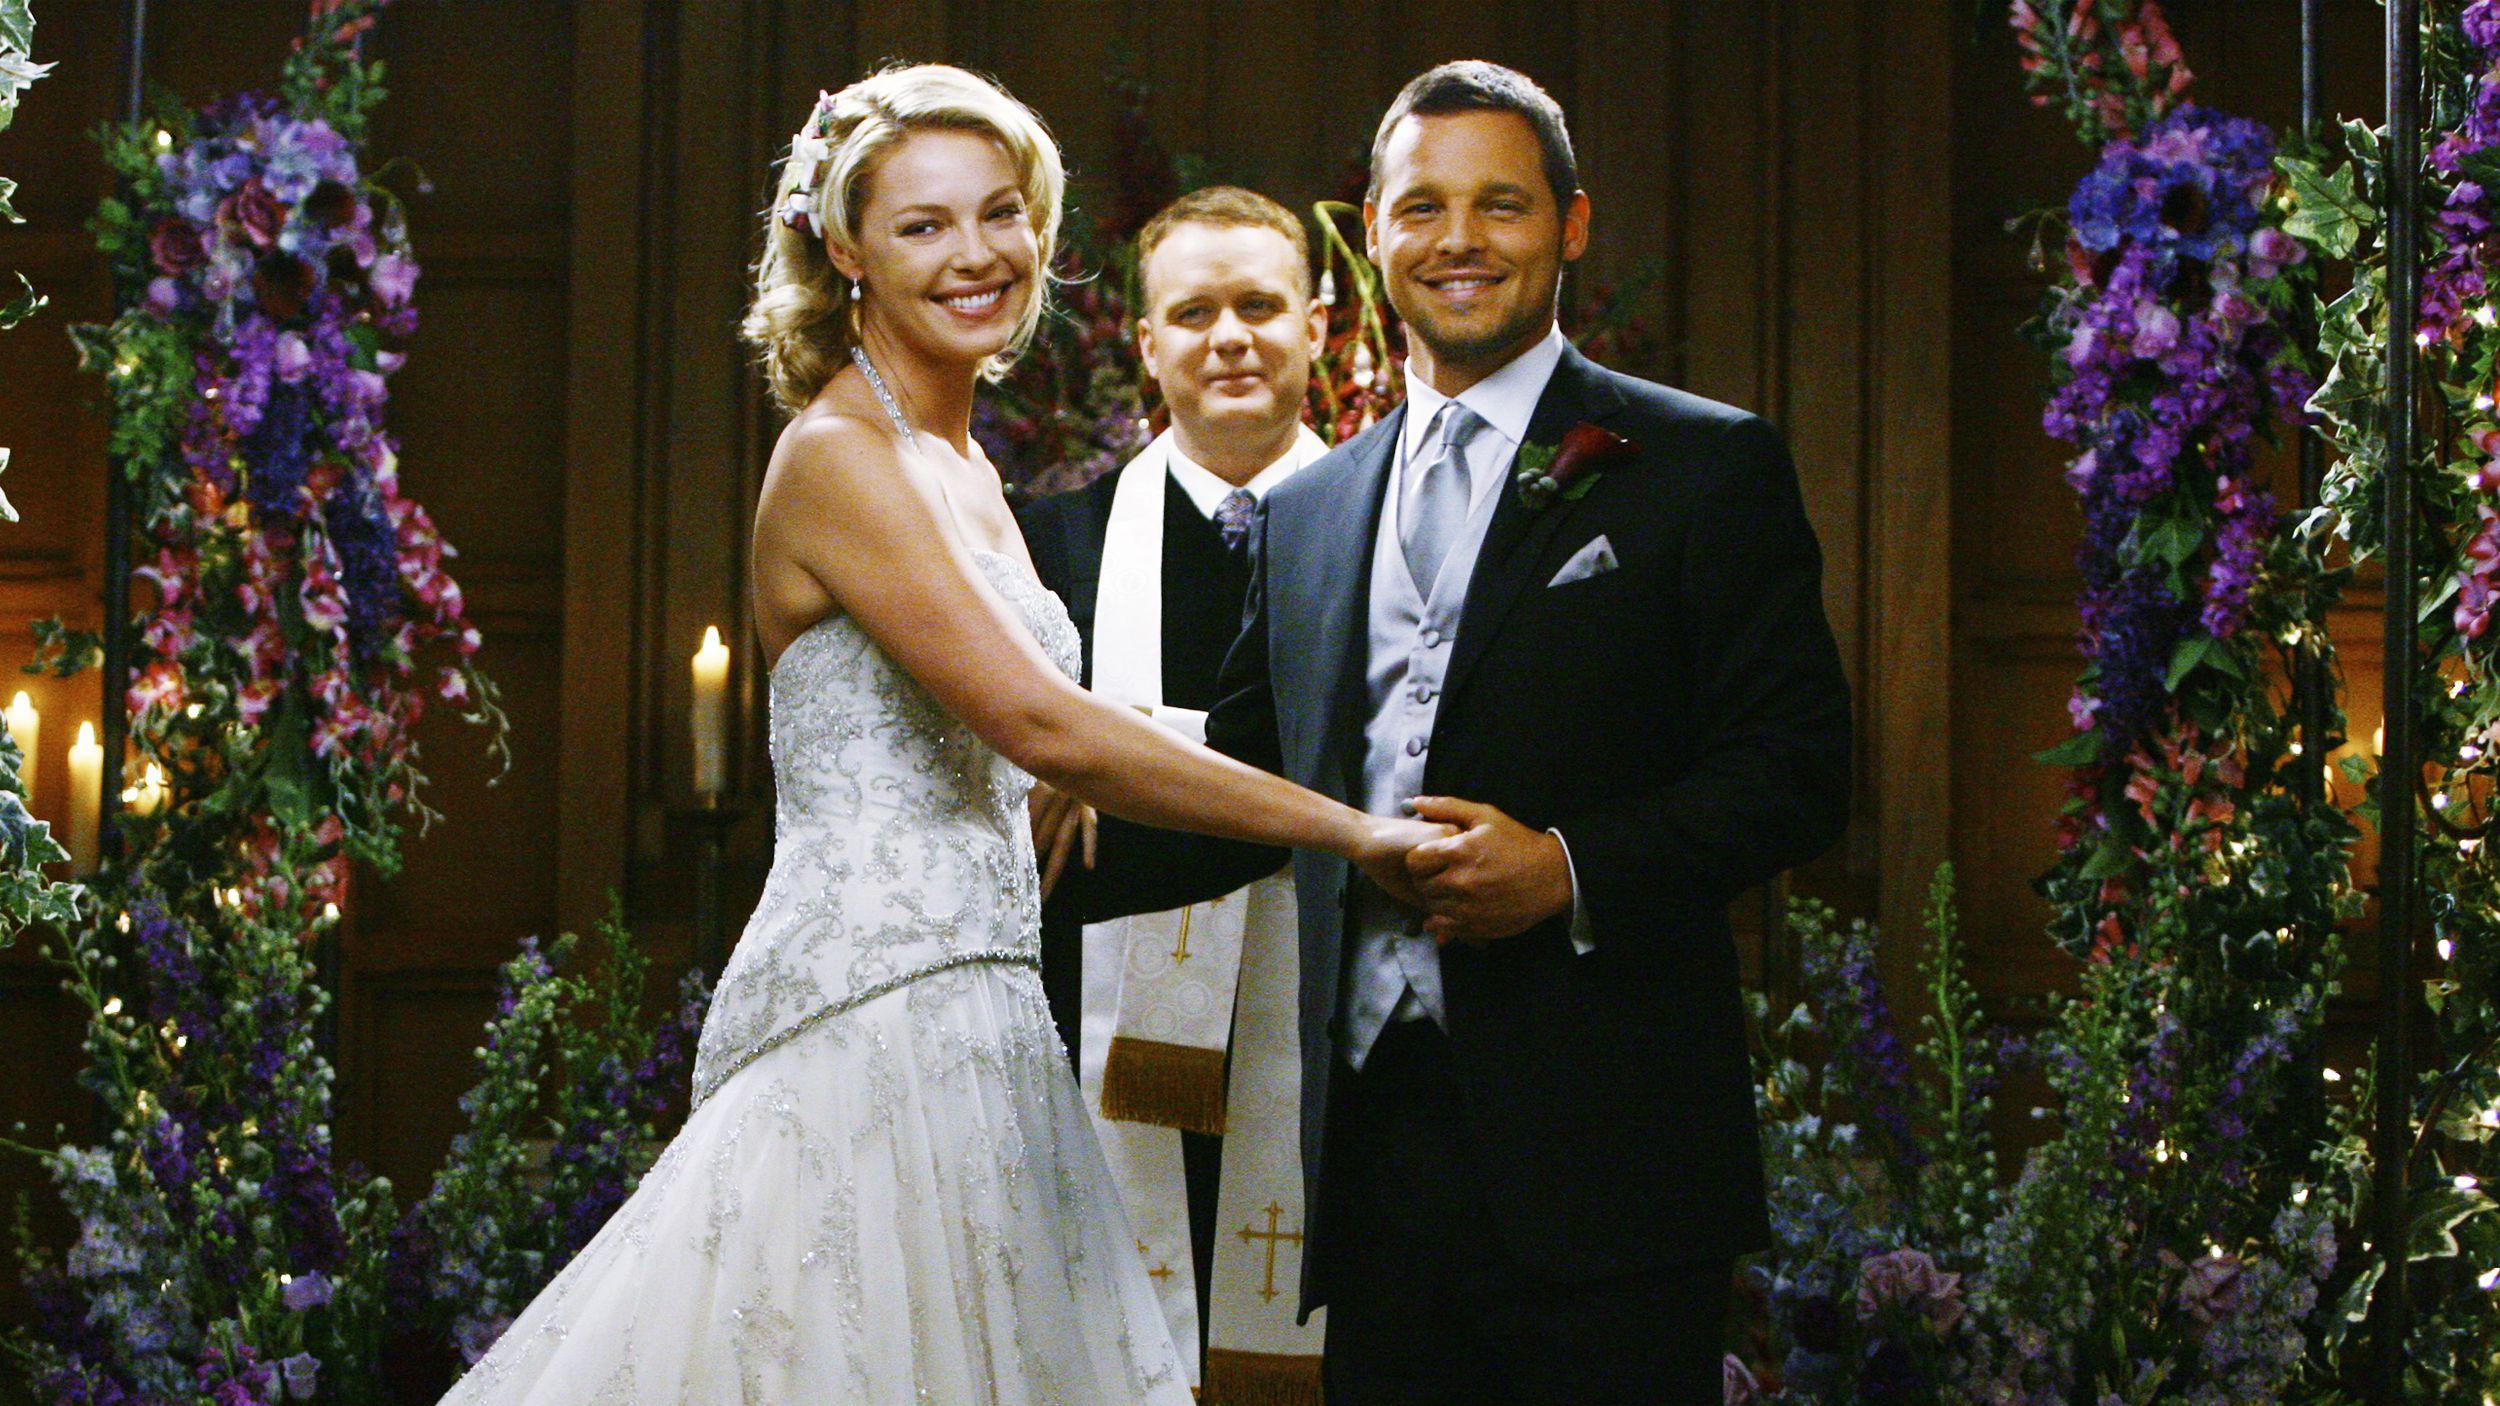 Izzie and Alex get married on Grey's Anatomy